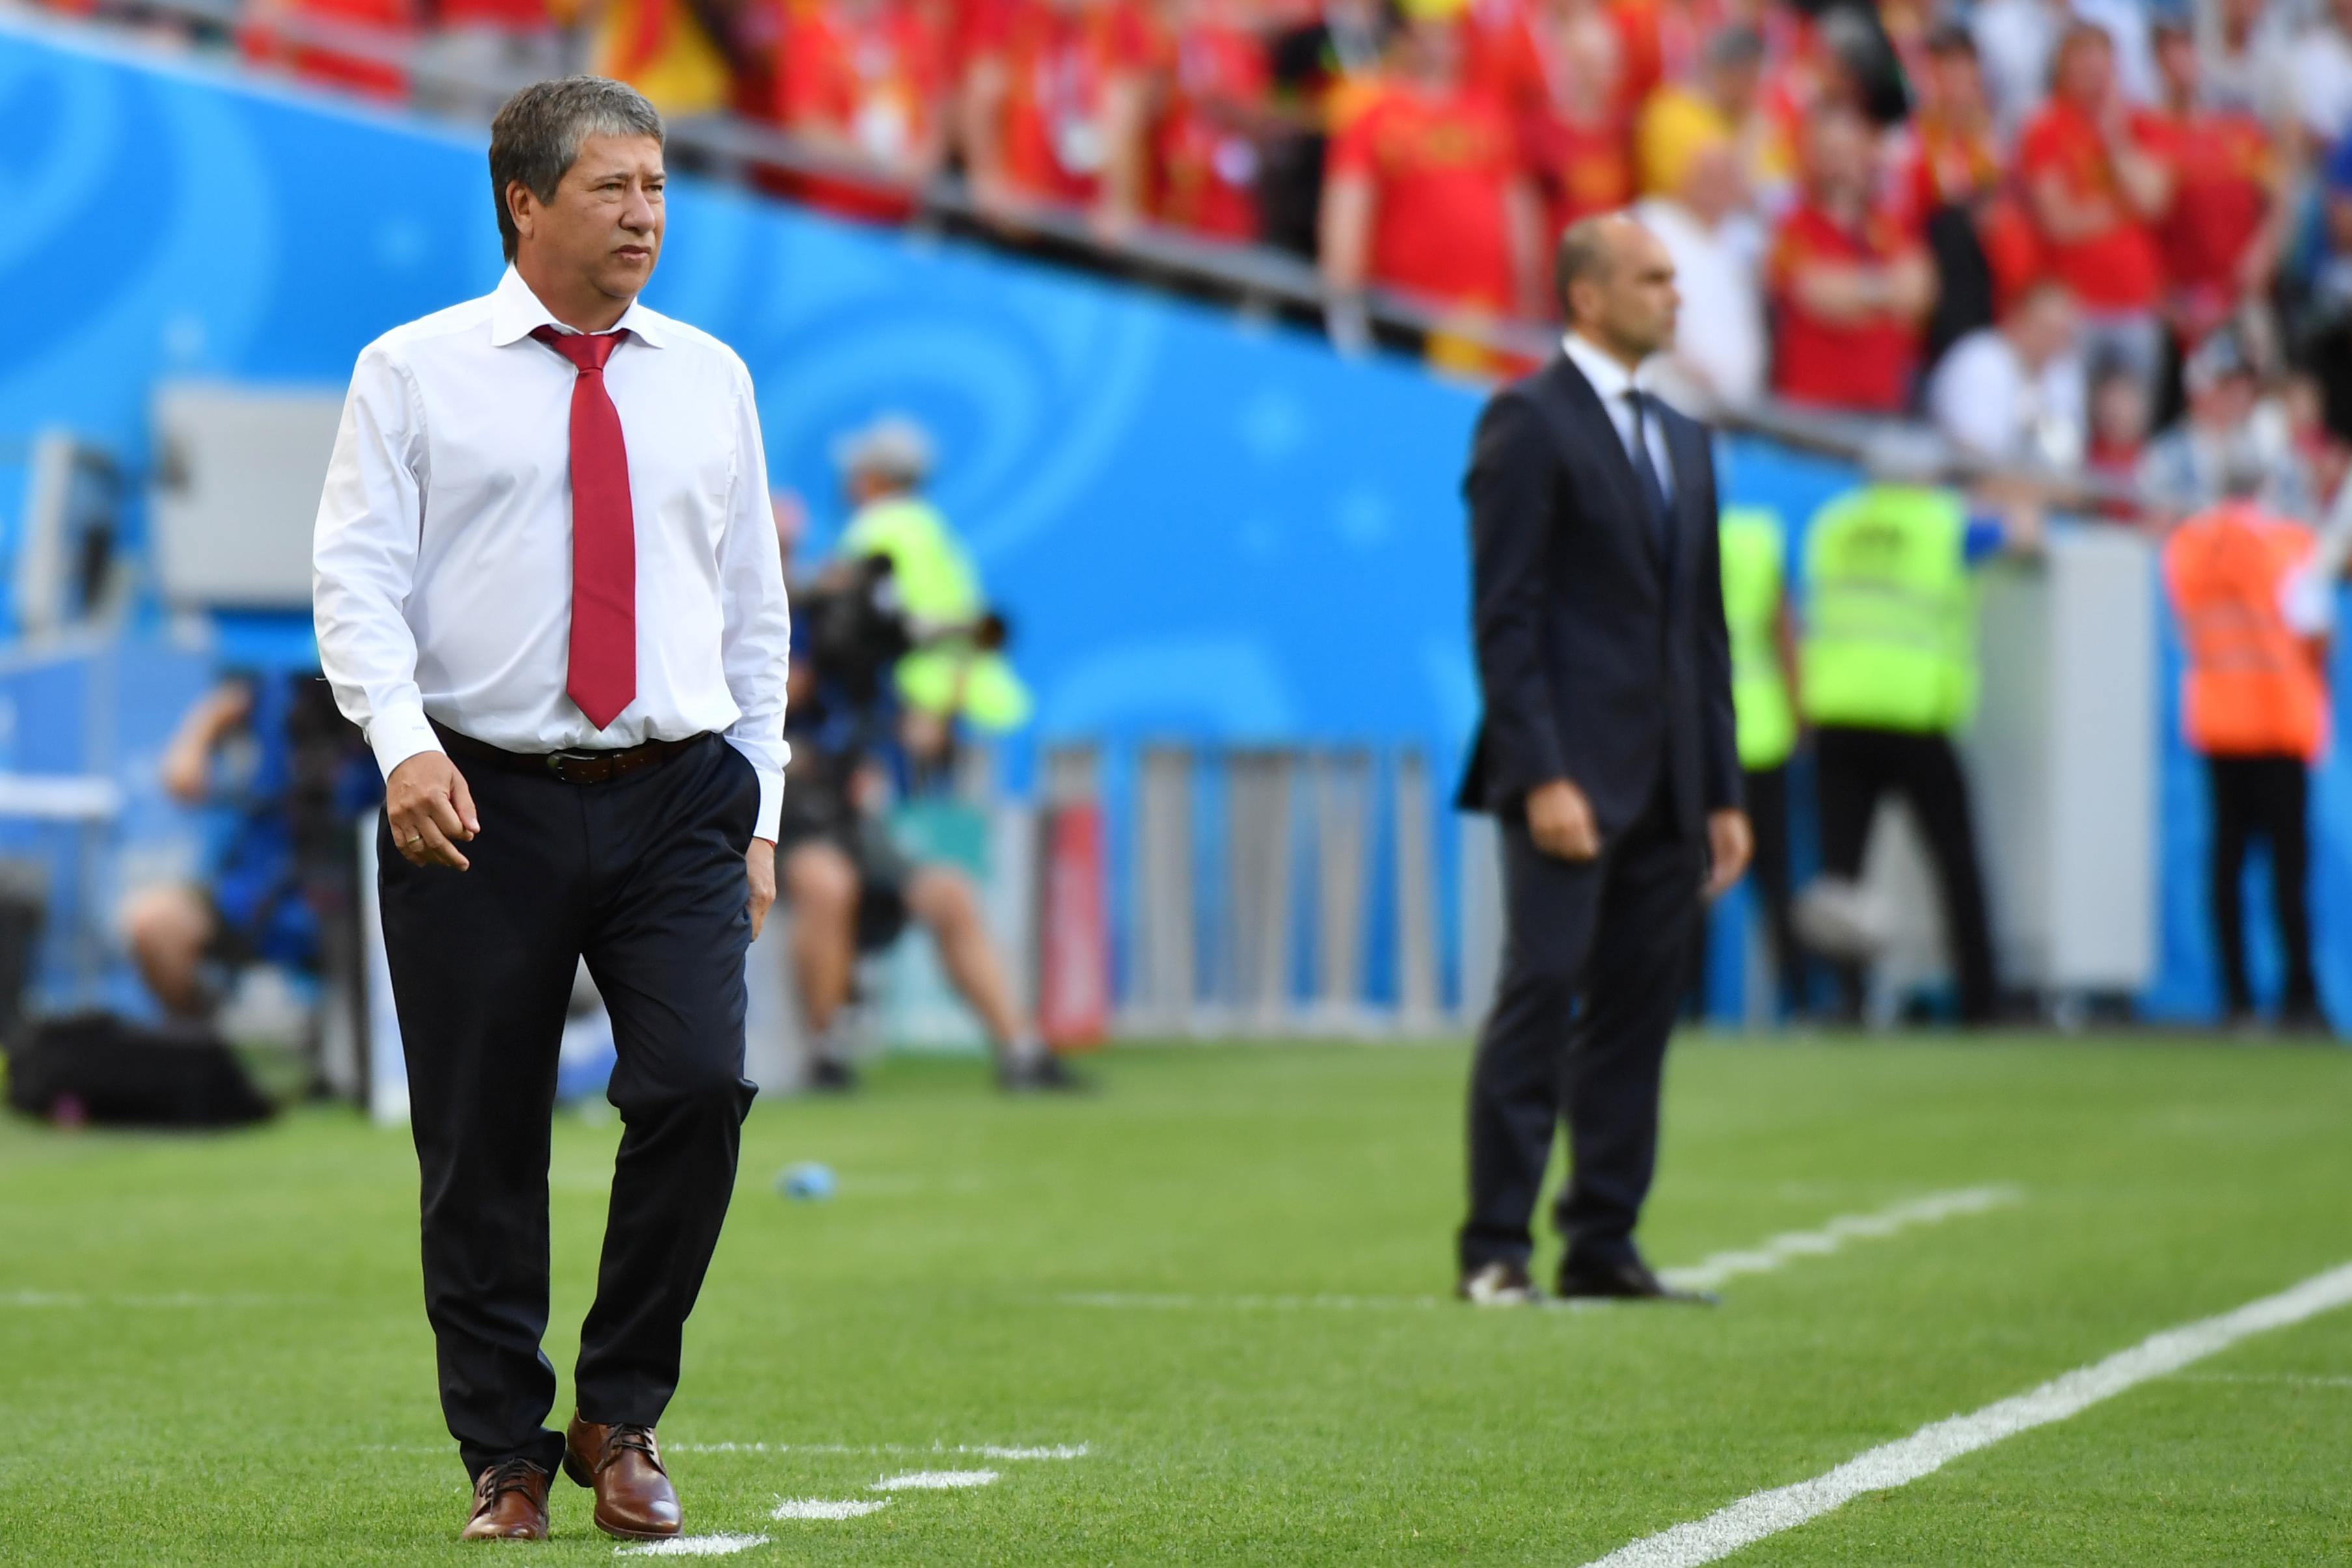 El técnico colombiano Hernán Darío 'Bolillo' Gómez durante el juego entre Panamá y Bélgica.